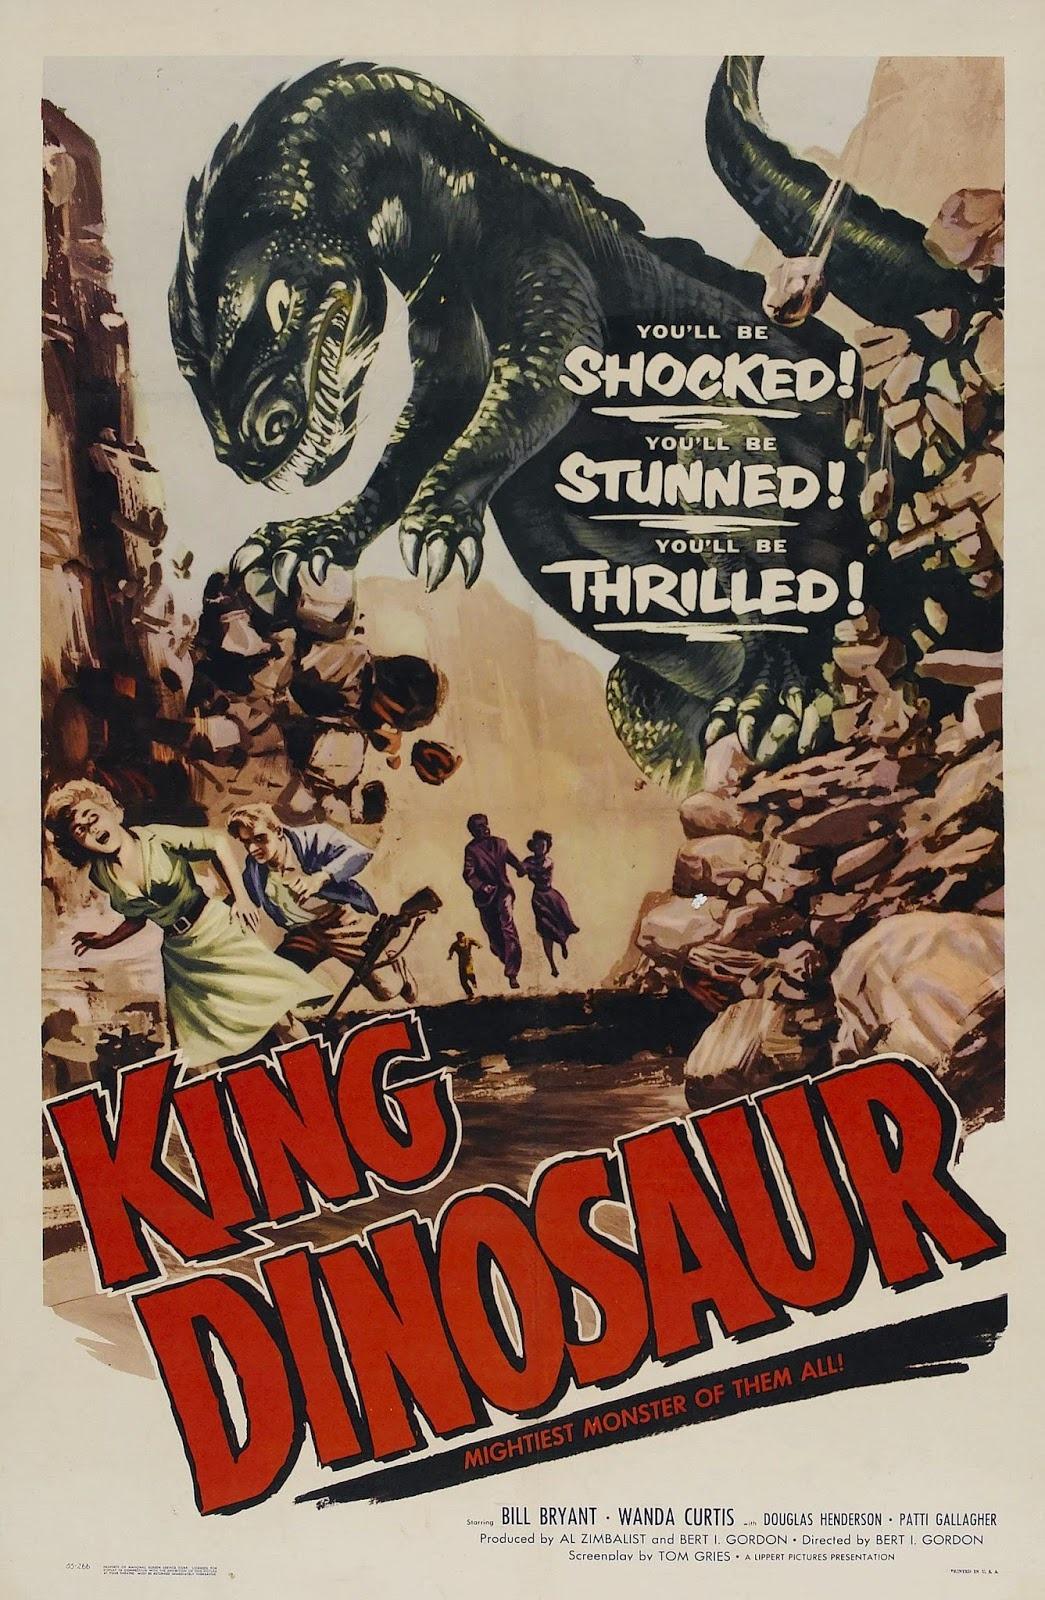 http://static.tvtropes.org/pmwiki/pub/images/king_dinosaur.JPG